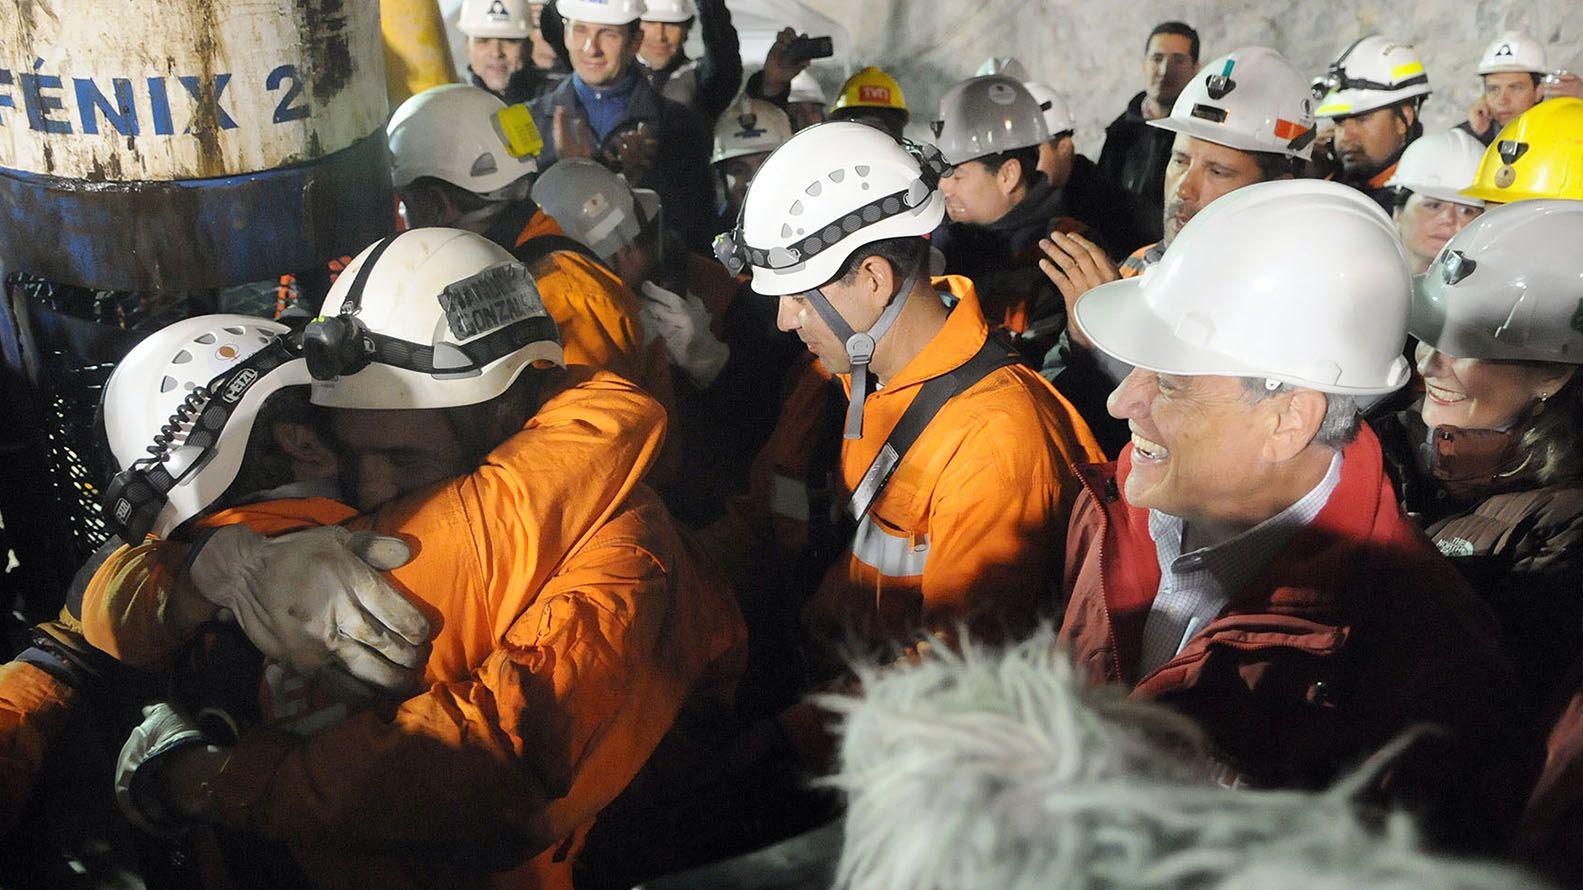 Los 33 mineros estuvieron atrapados 70 días en la mina San José desde el 5 de agosto hasta el 13 de octubre. El Libro Guinness de los Récords jura que nunca antes un grupo de personas permaneció tanto tiempo bajo tanta tierra